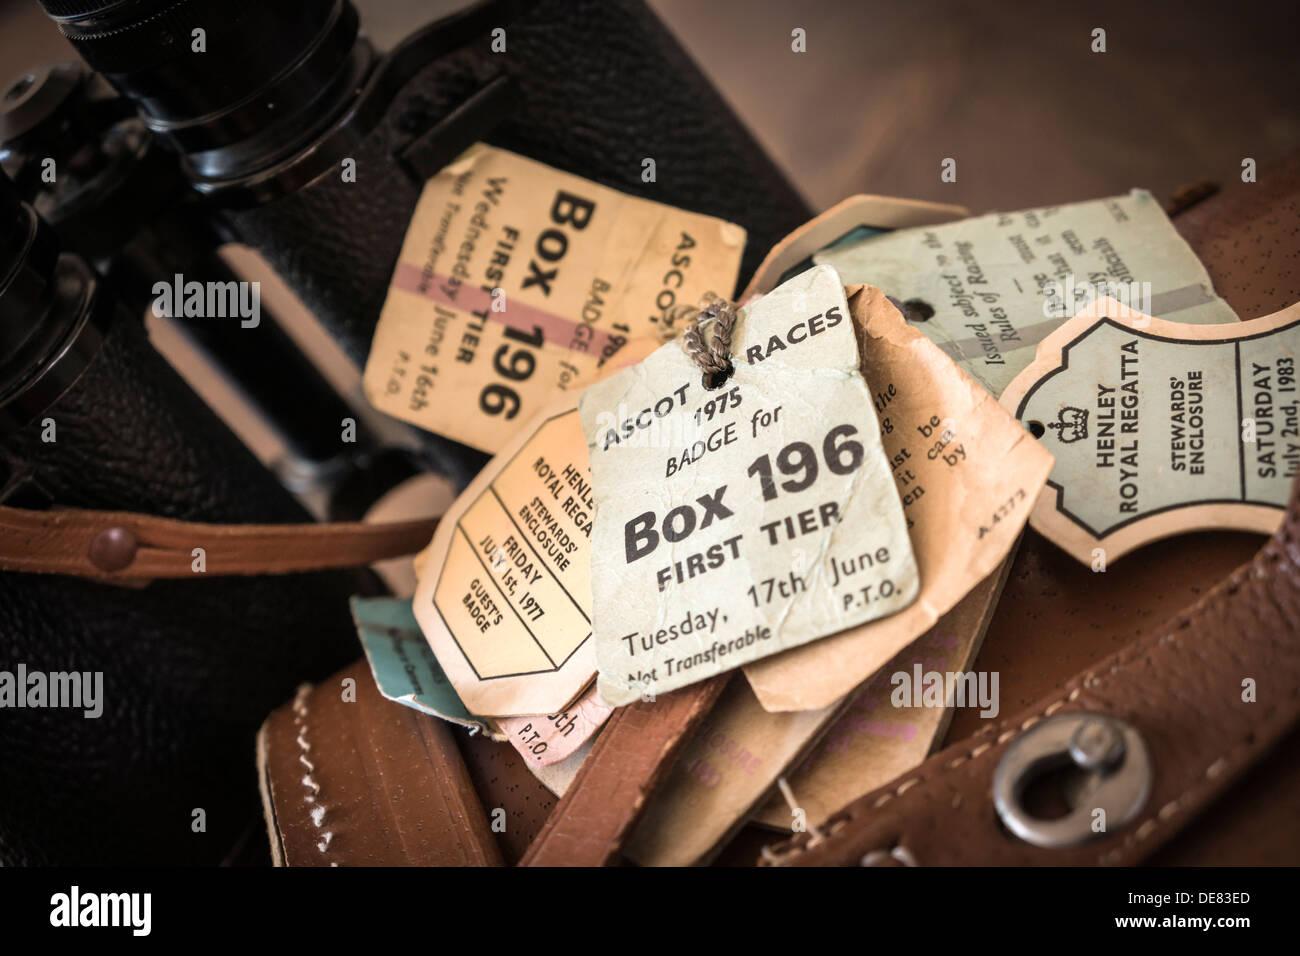 Un par de prismáticos con funda de cuero mostrar los pases para el largamente olvidado carreras en Ascot y Imagen De Stock